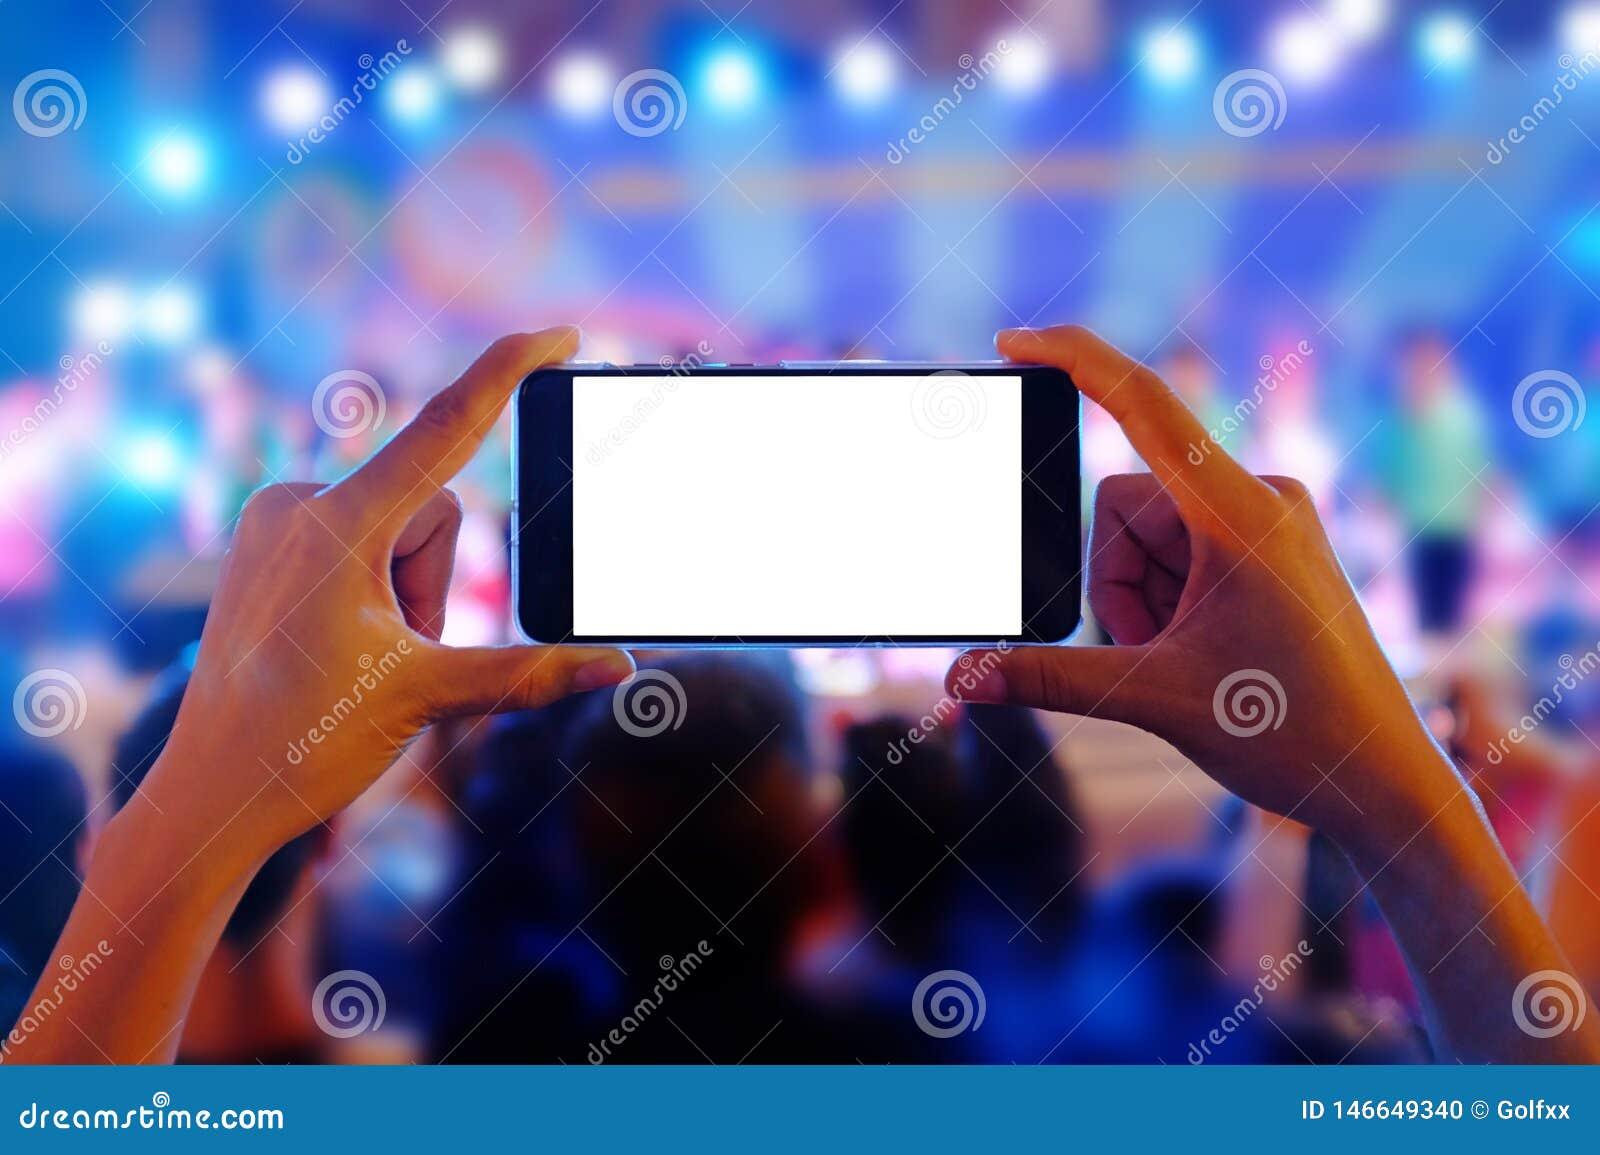 Руки держа мобильный смартфон записывают красочный концерт в реальном маштабе времени с пустым белым экраном